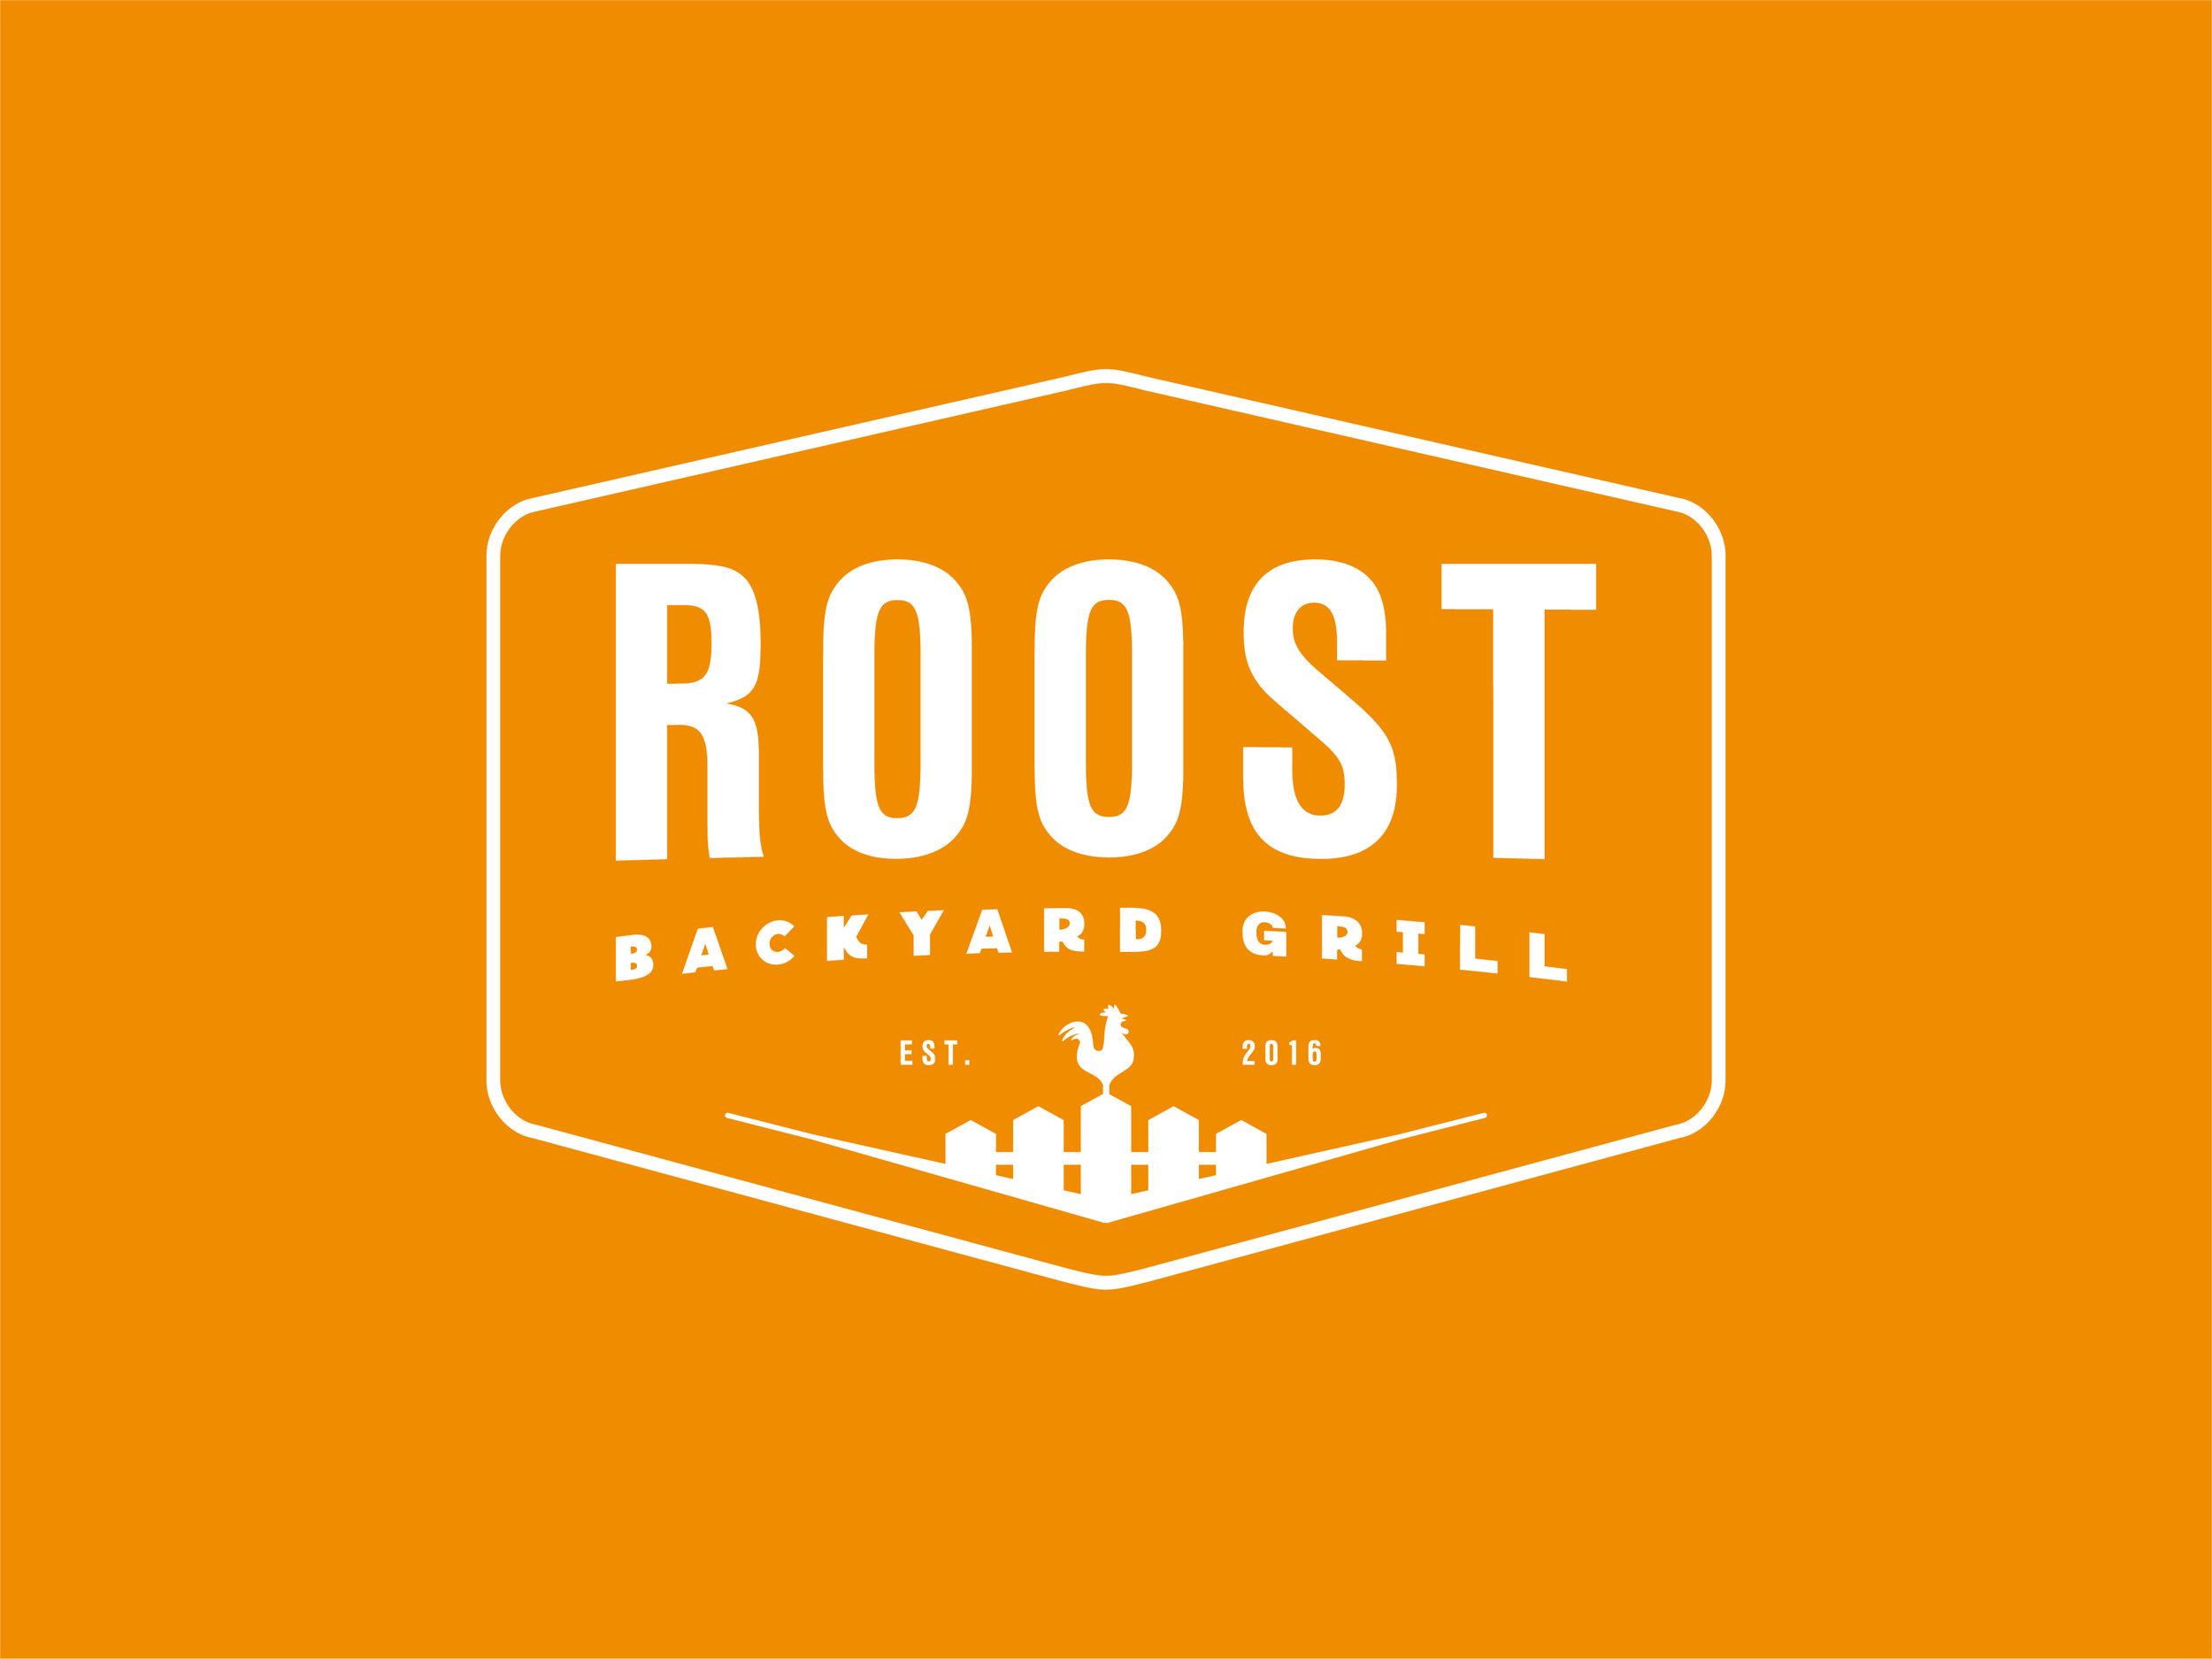 AmyNortman-RoostBackyardGrill-02